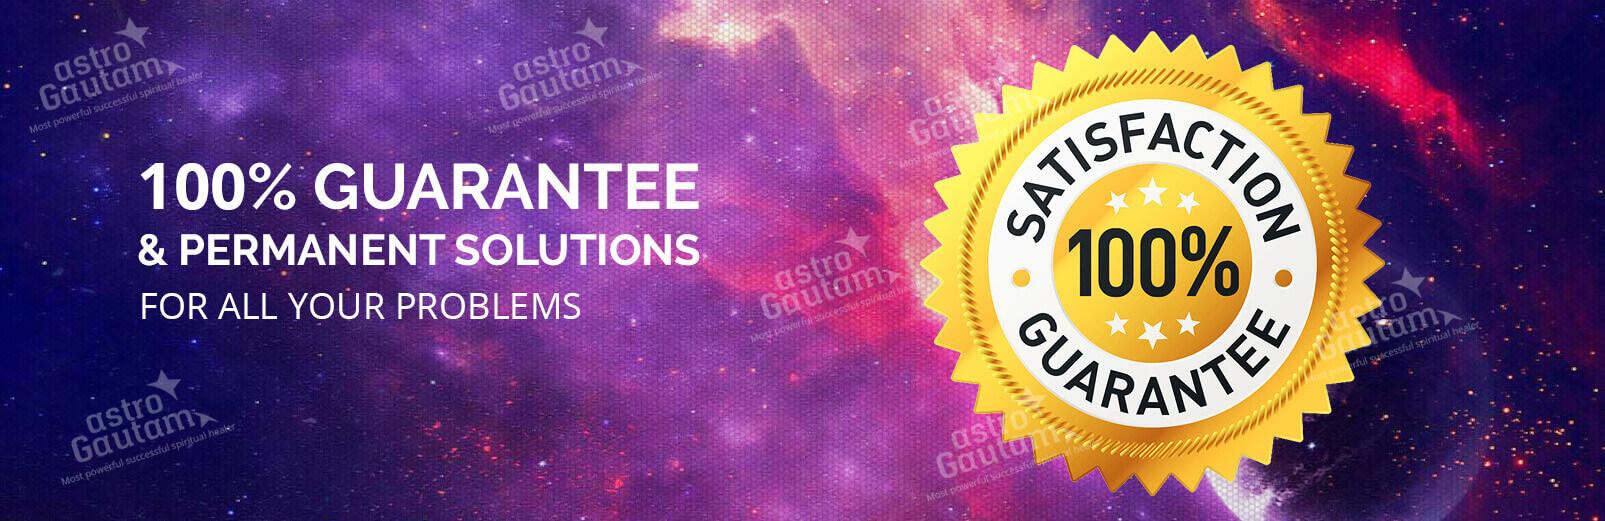 Astrologer Gautam Astrology Services Banner